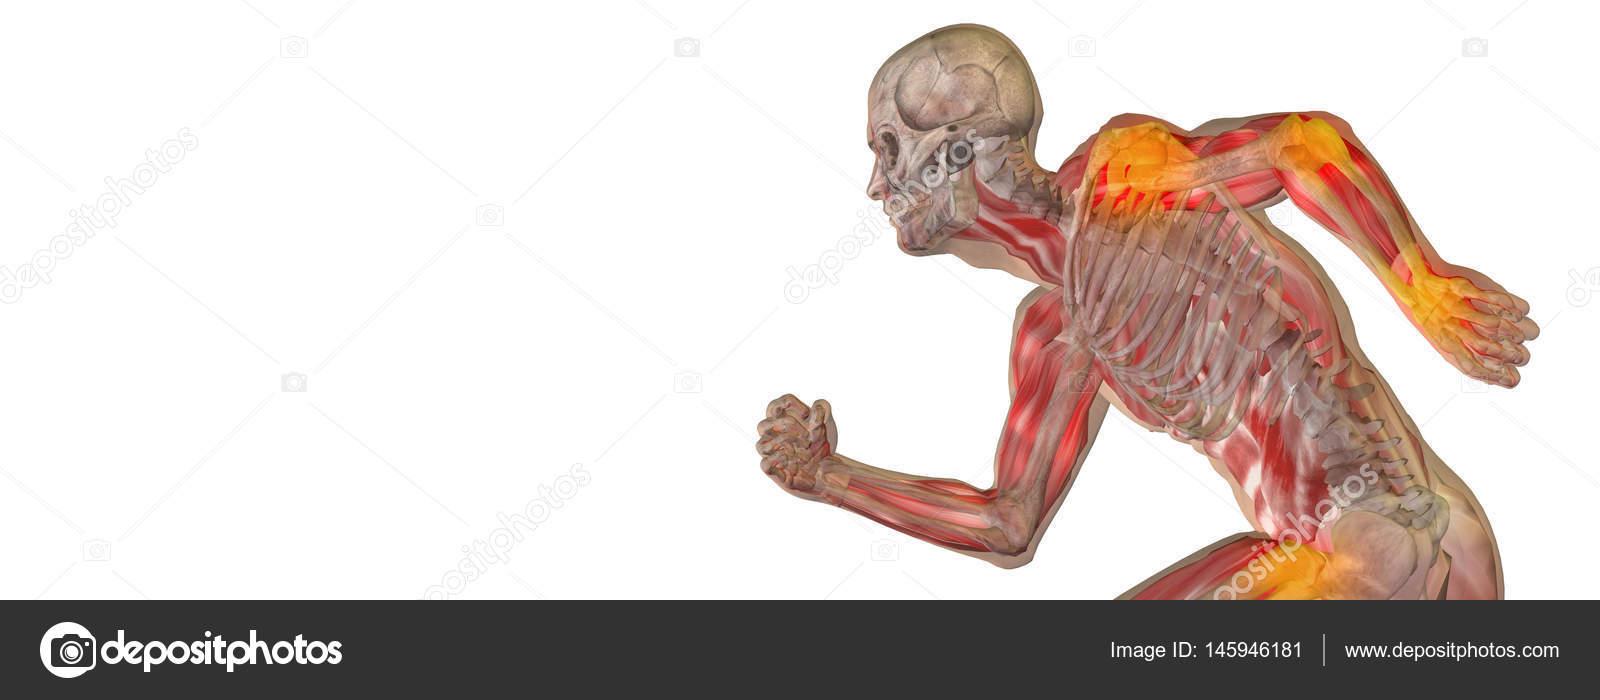 menschliche Anatomie Modell — Stockfoto © design36 #145946181